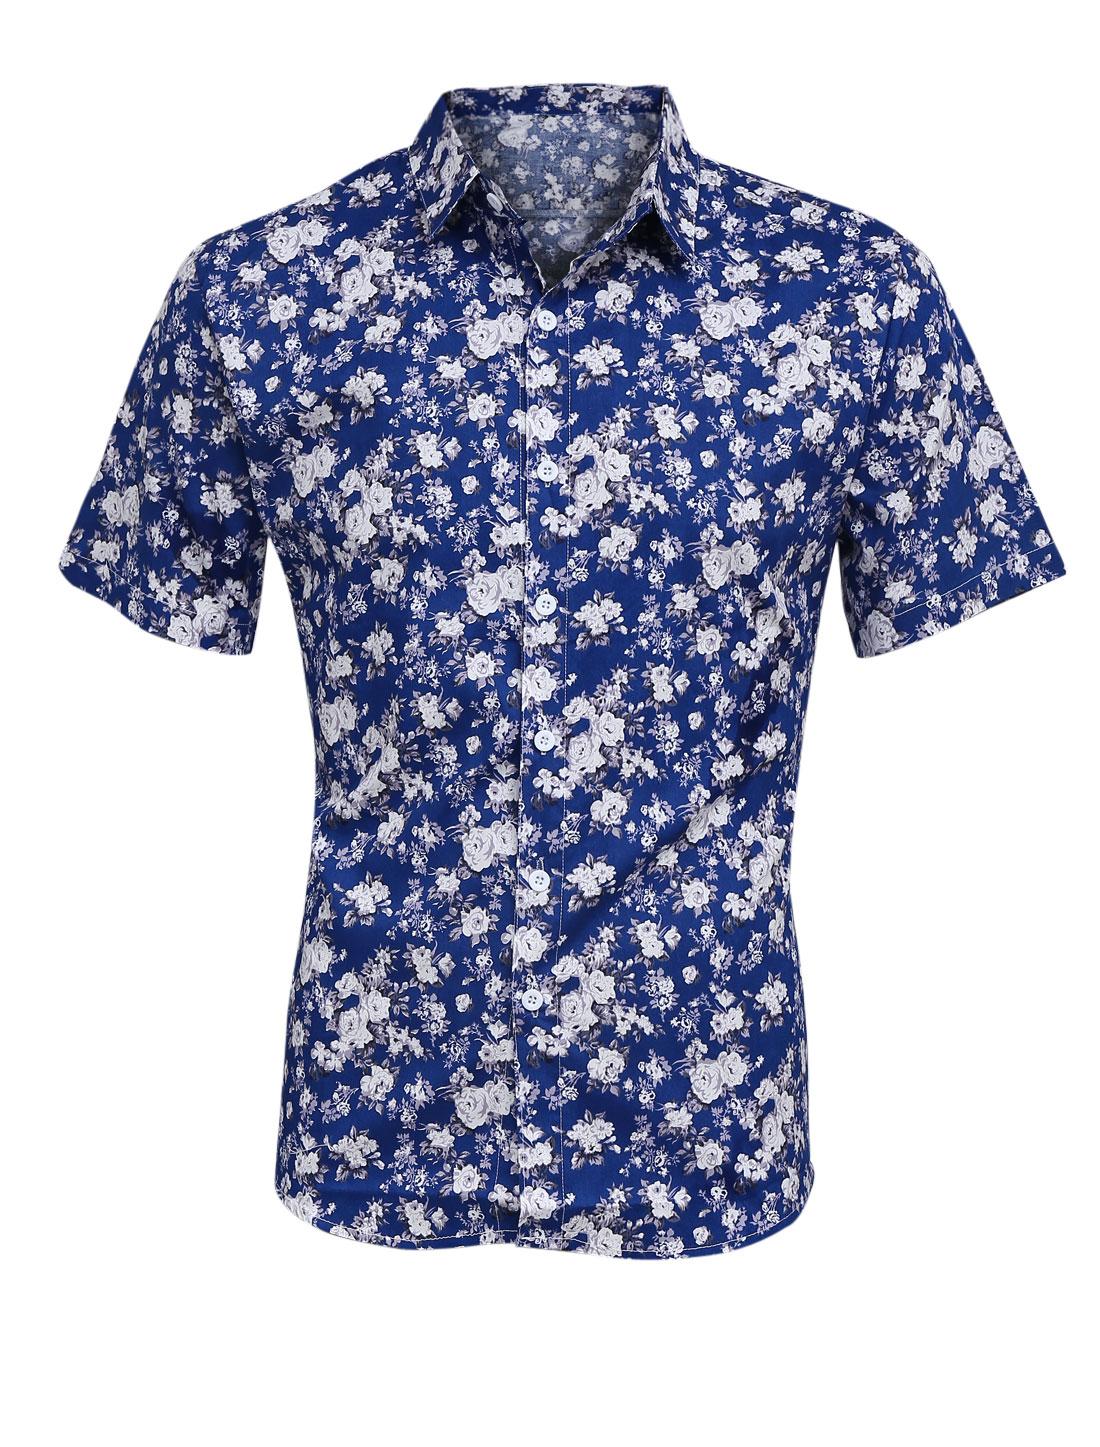 Men Point Collar Button Closure Floral Prints Shirt Royal Blue M